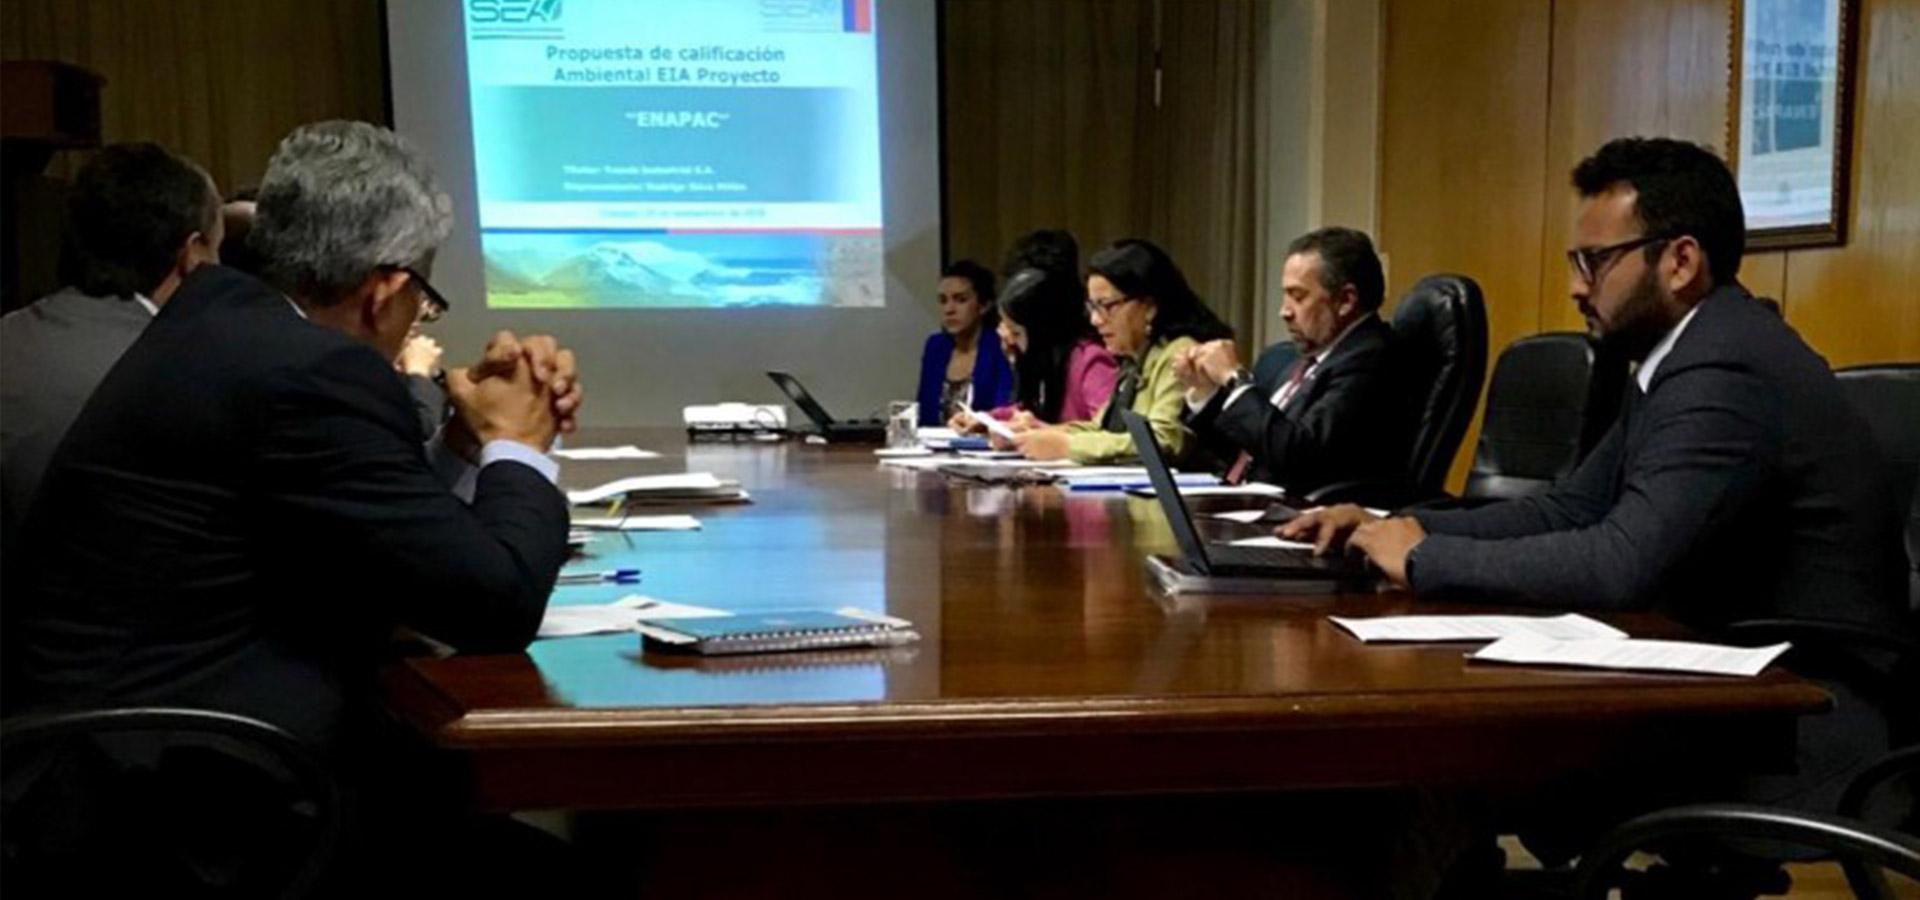 ENAPAC fue aprobado por la Autoridad Ambiental de Chile